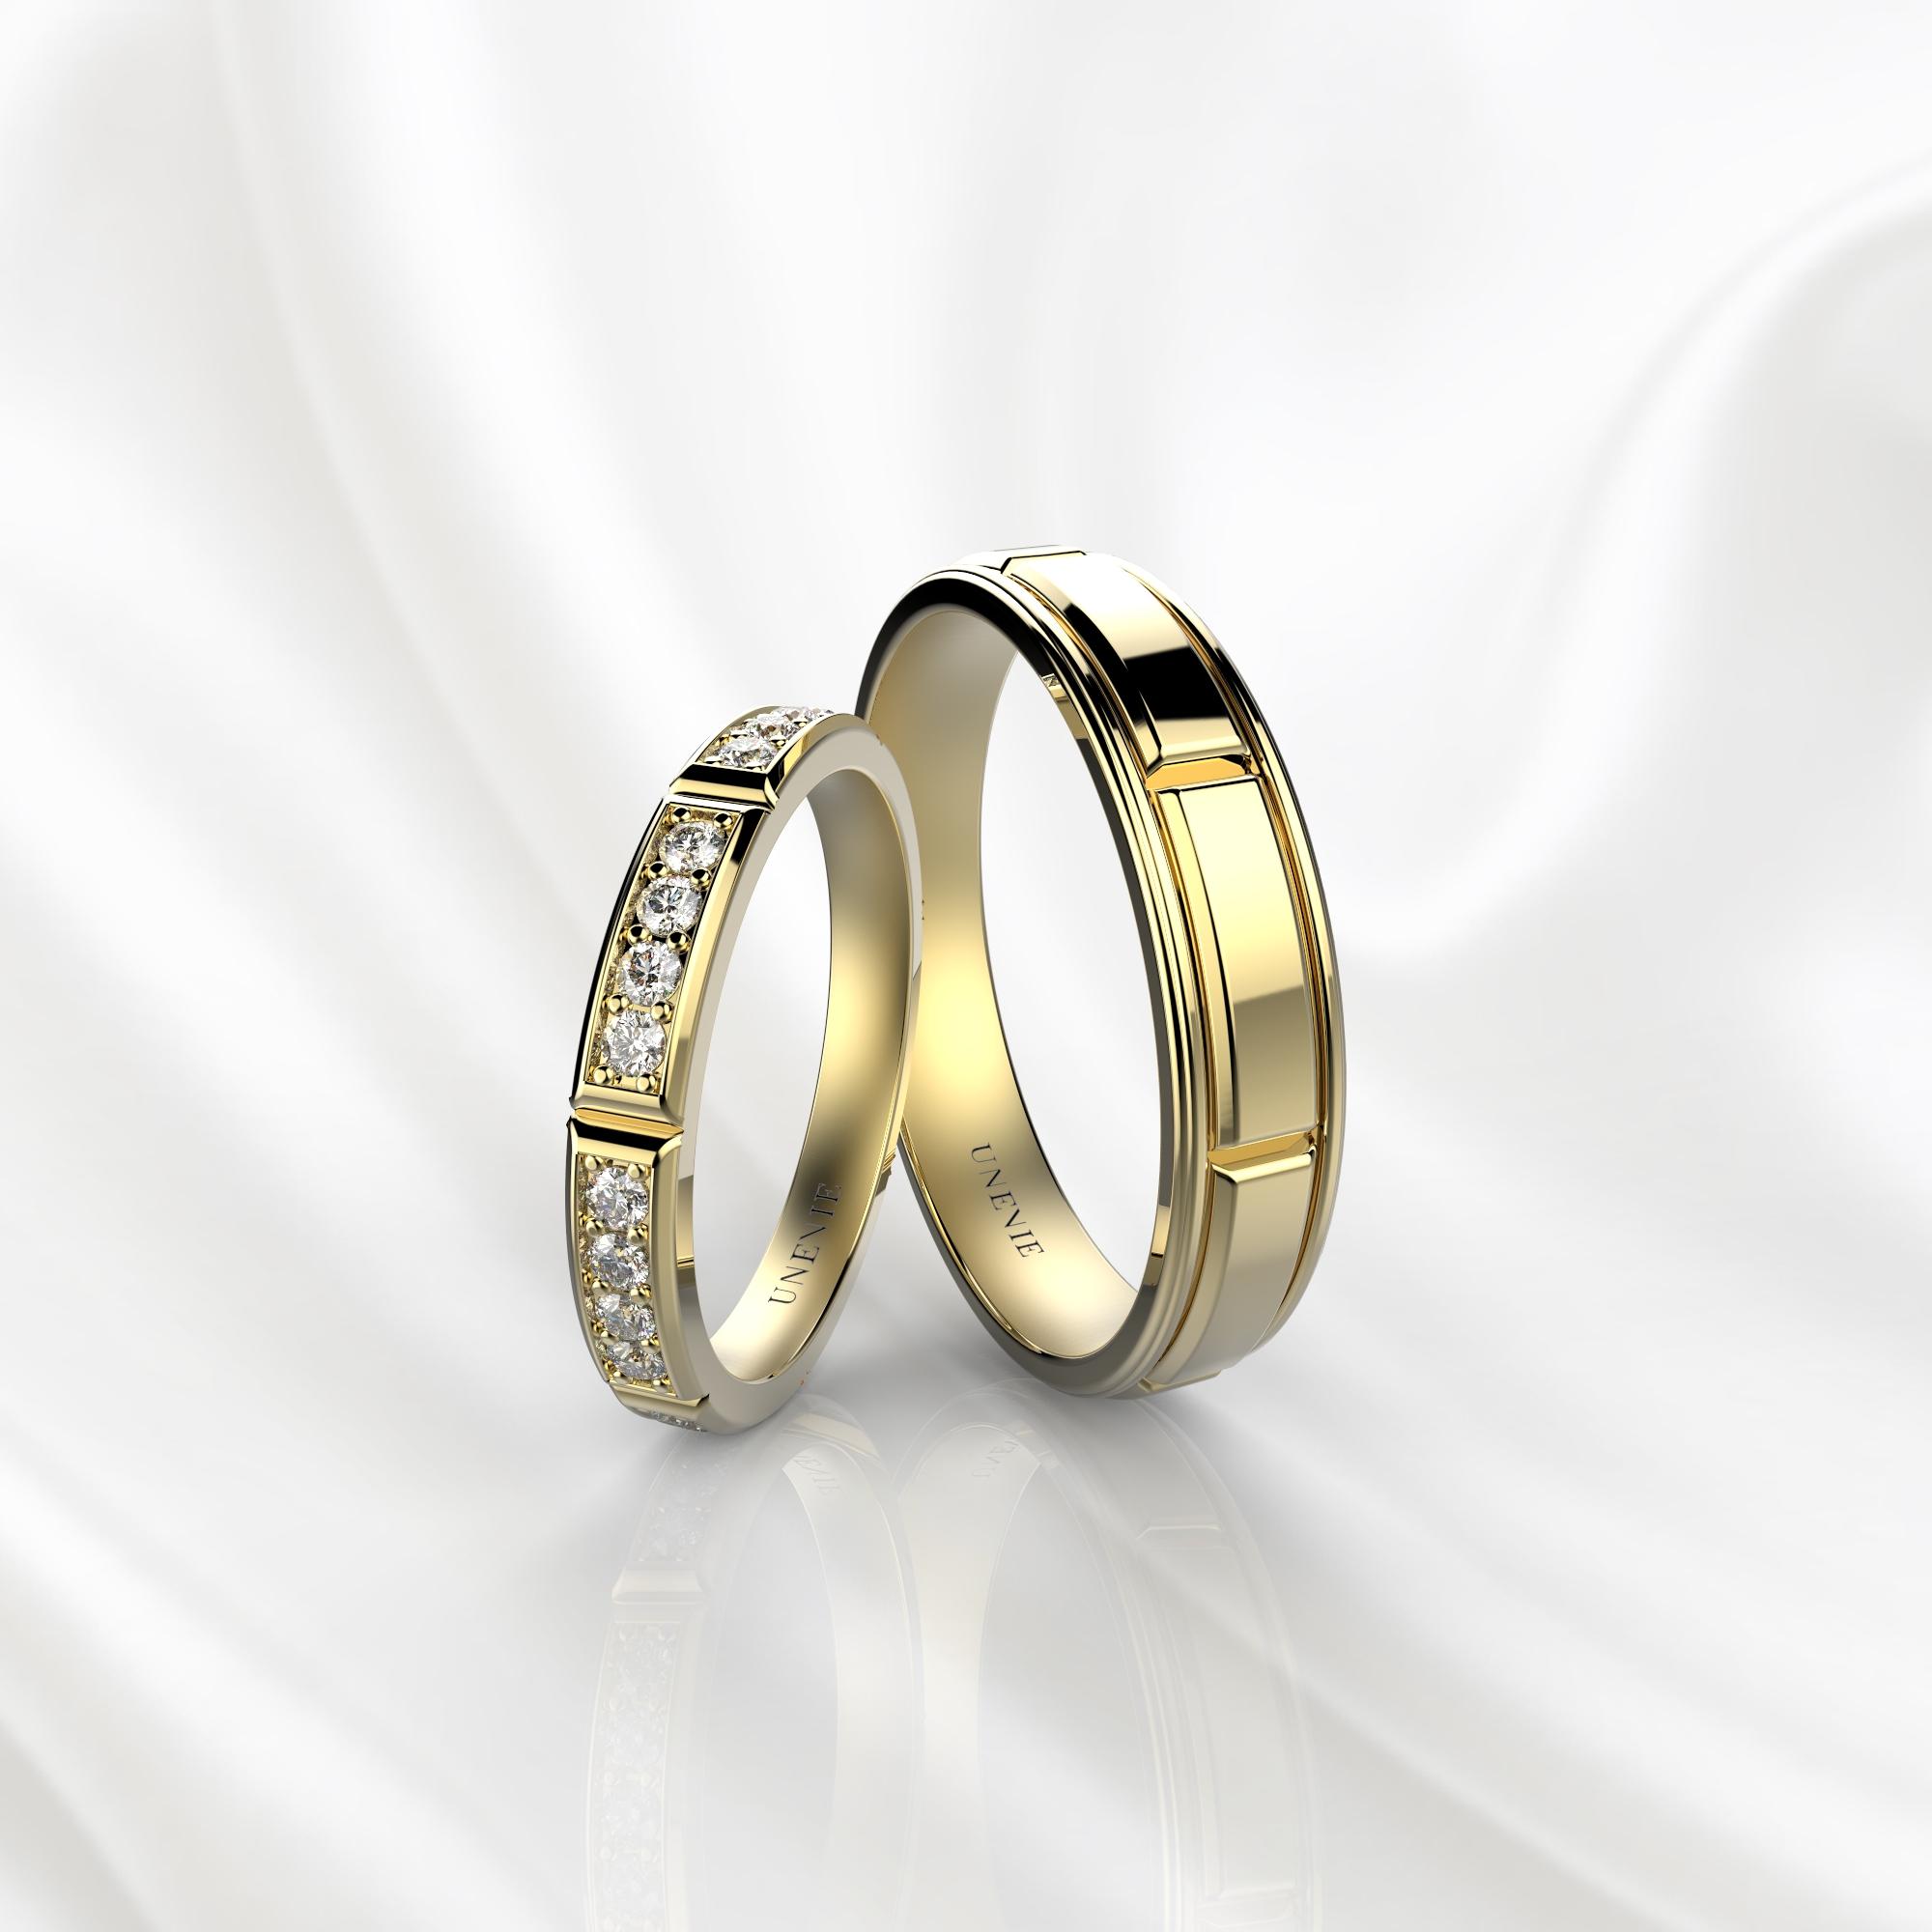 NV40 Обручальные кольца из желтого золота с бриллиантами до середины